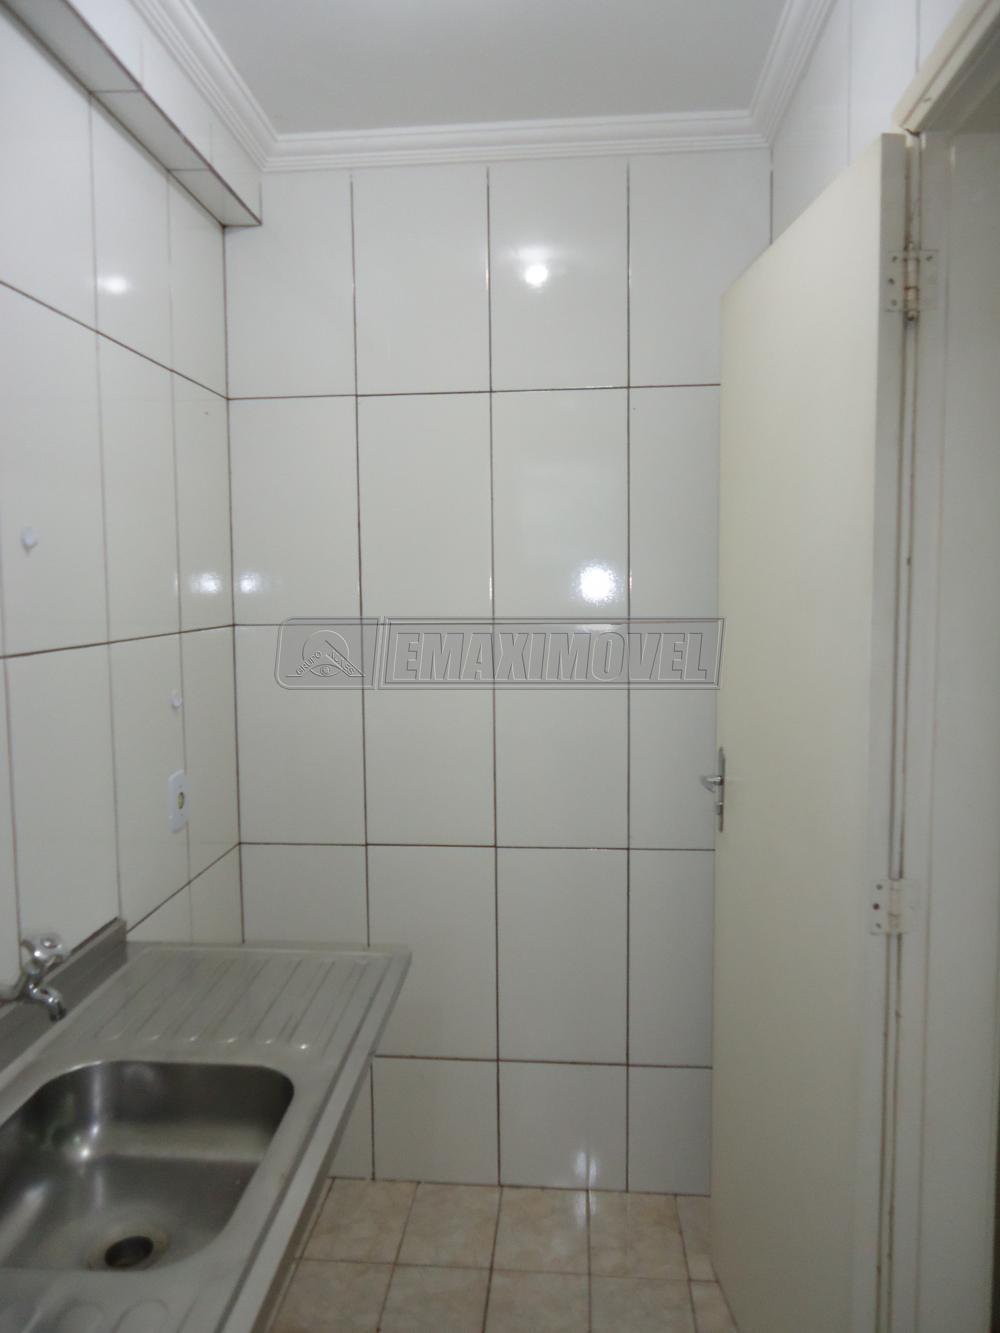 Alugar Comercial / Salas em Sorocaba apenas R$ 660,00 - Foto 4